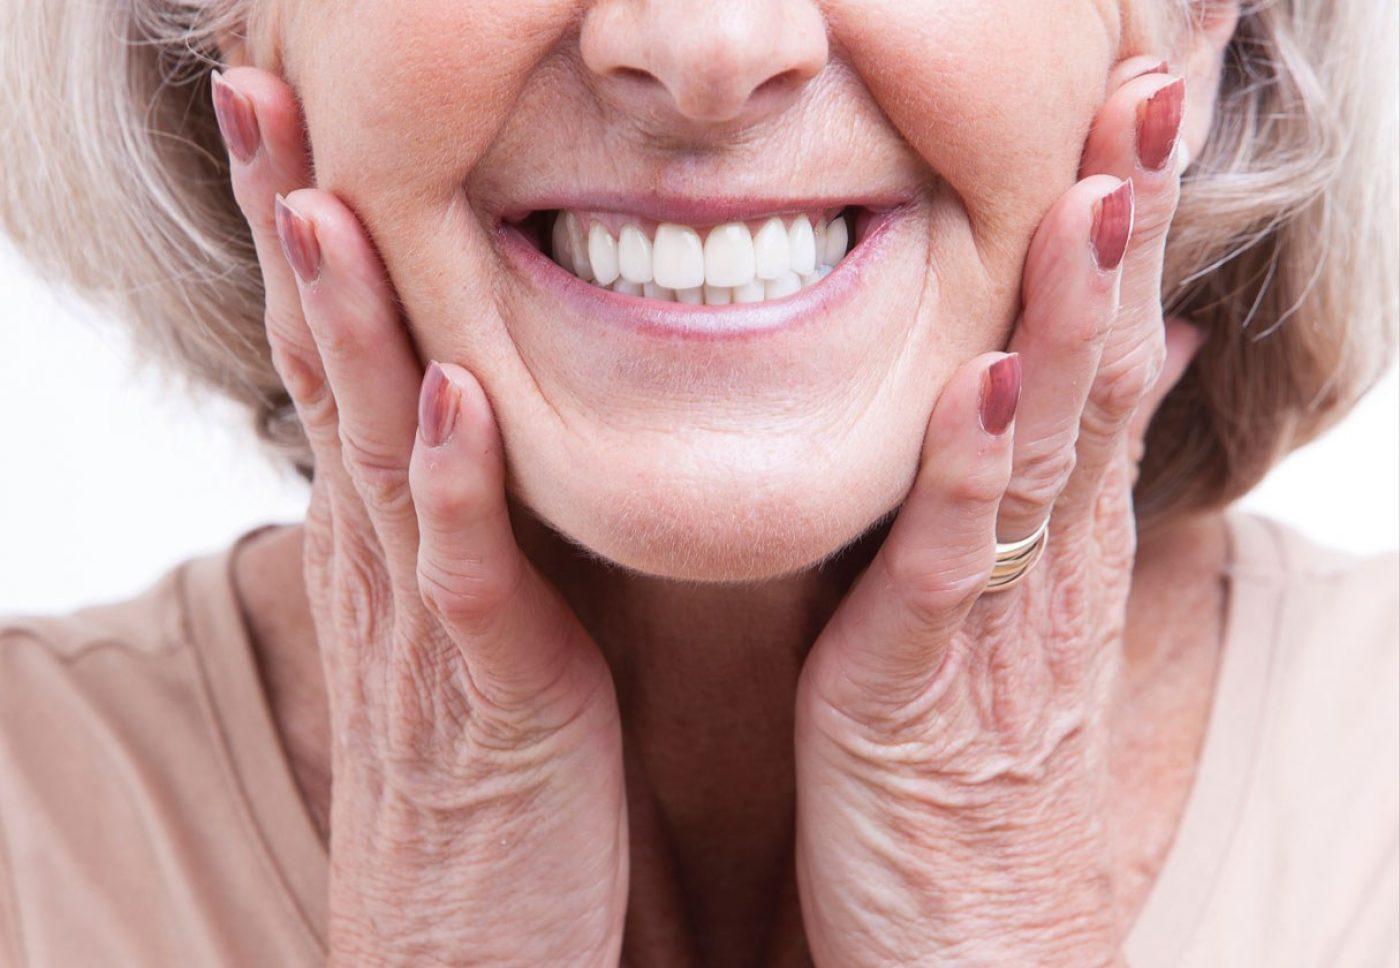 32 Whites Replacing Teeth Dentures